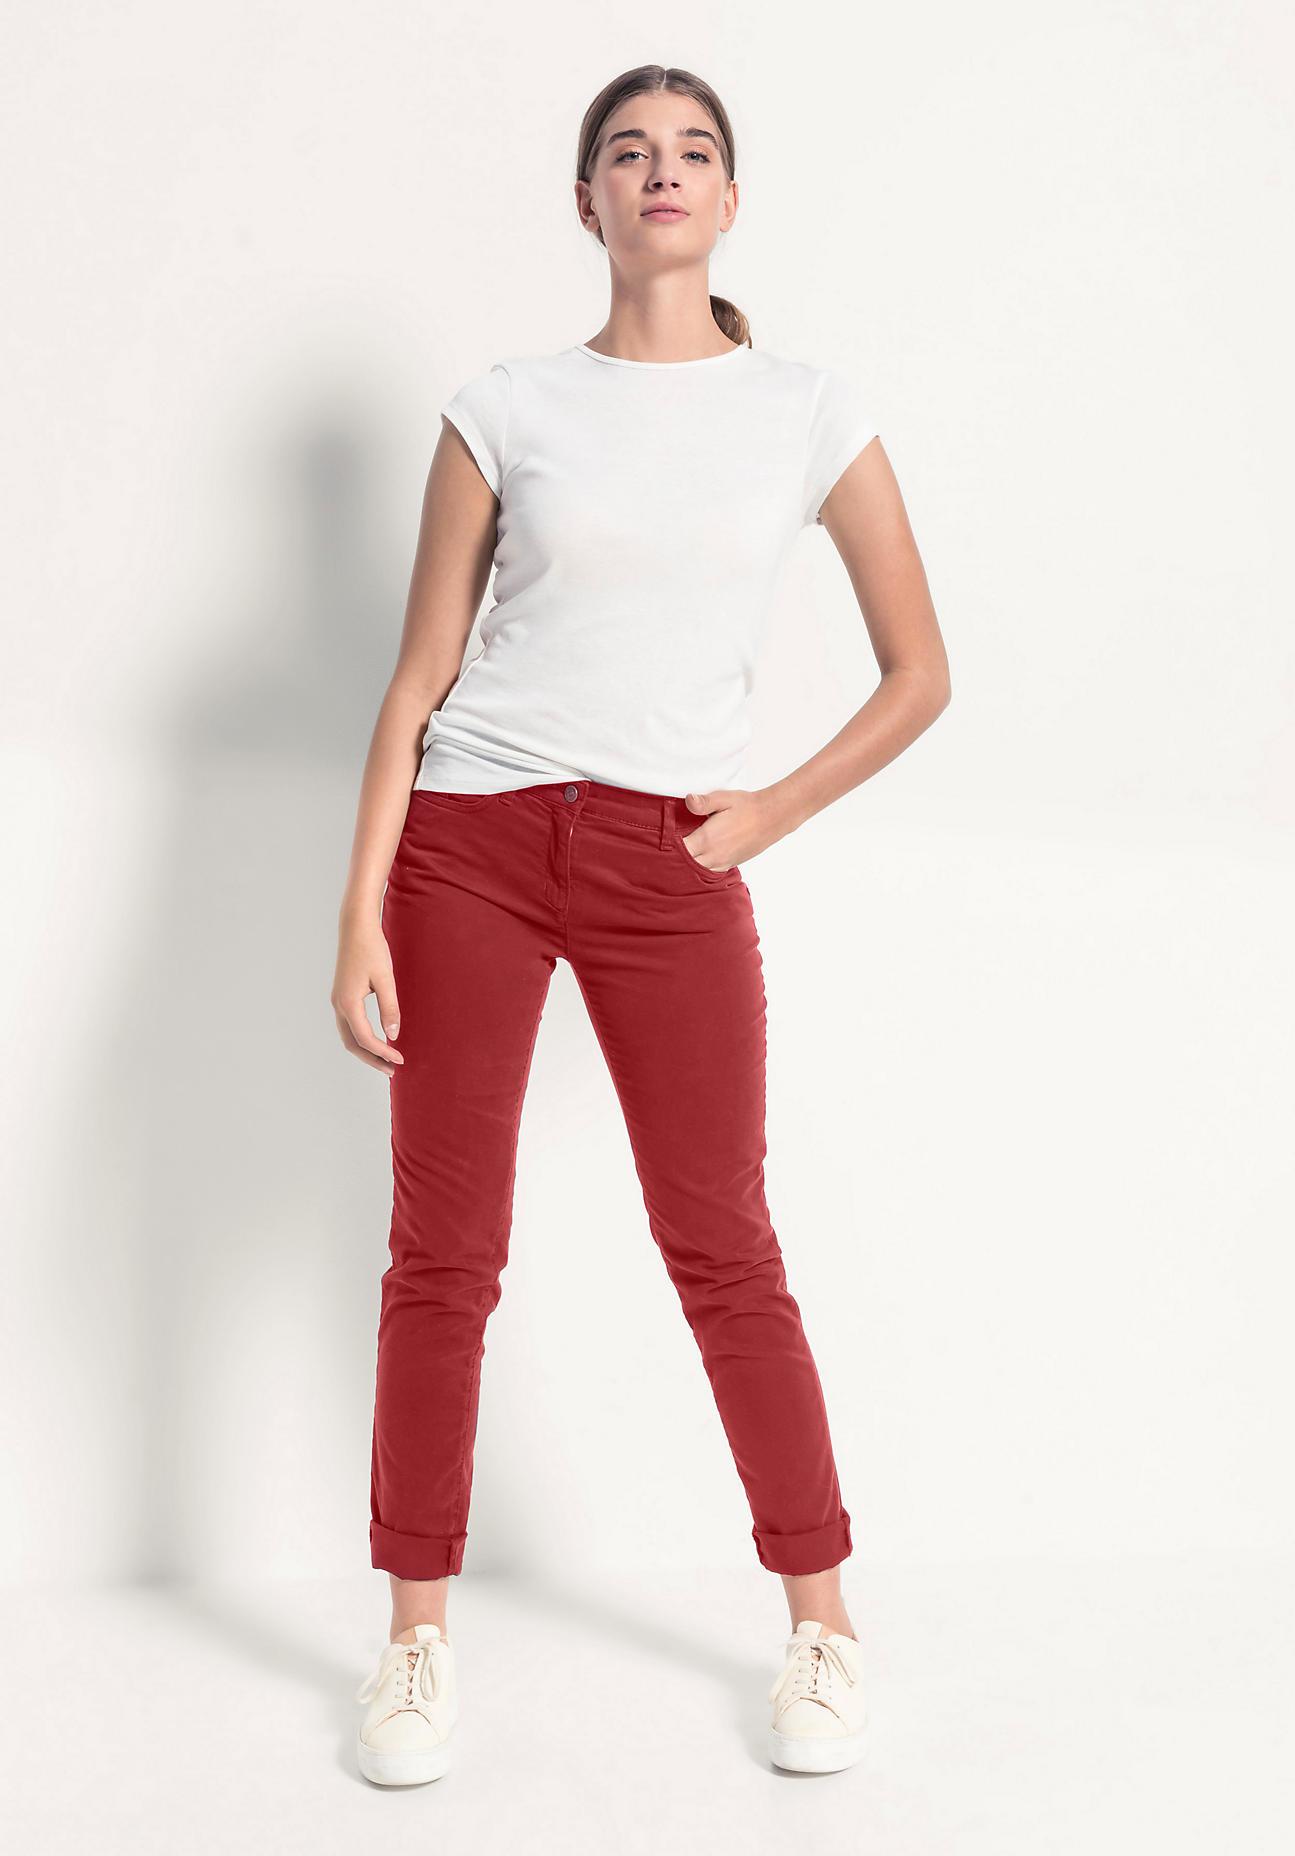 hessnatur Damen Hose Slim Fit aus Bio-Baumwolle - rot Größe 40